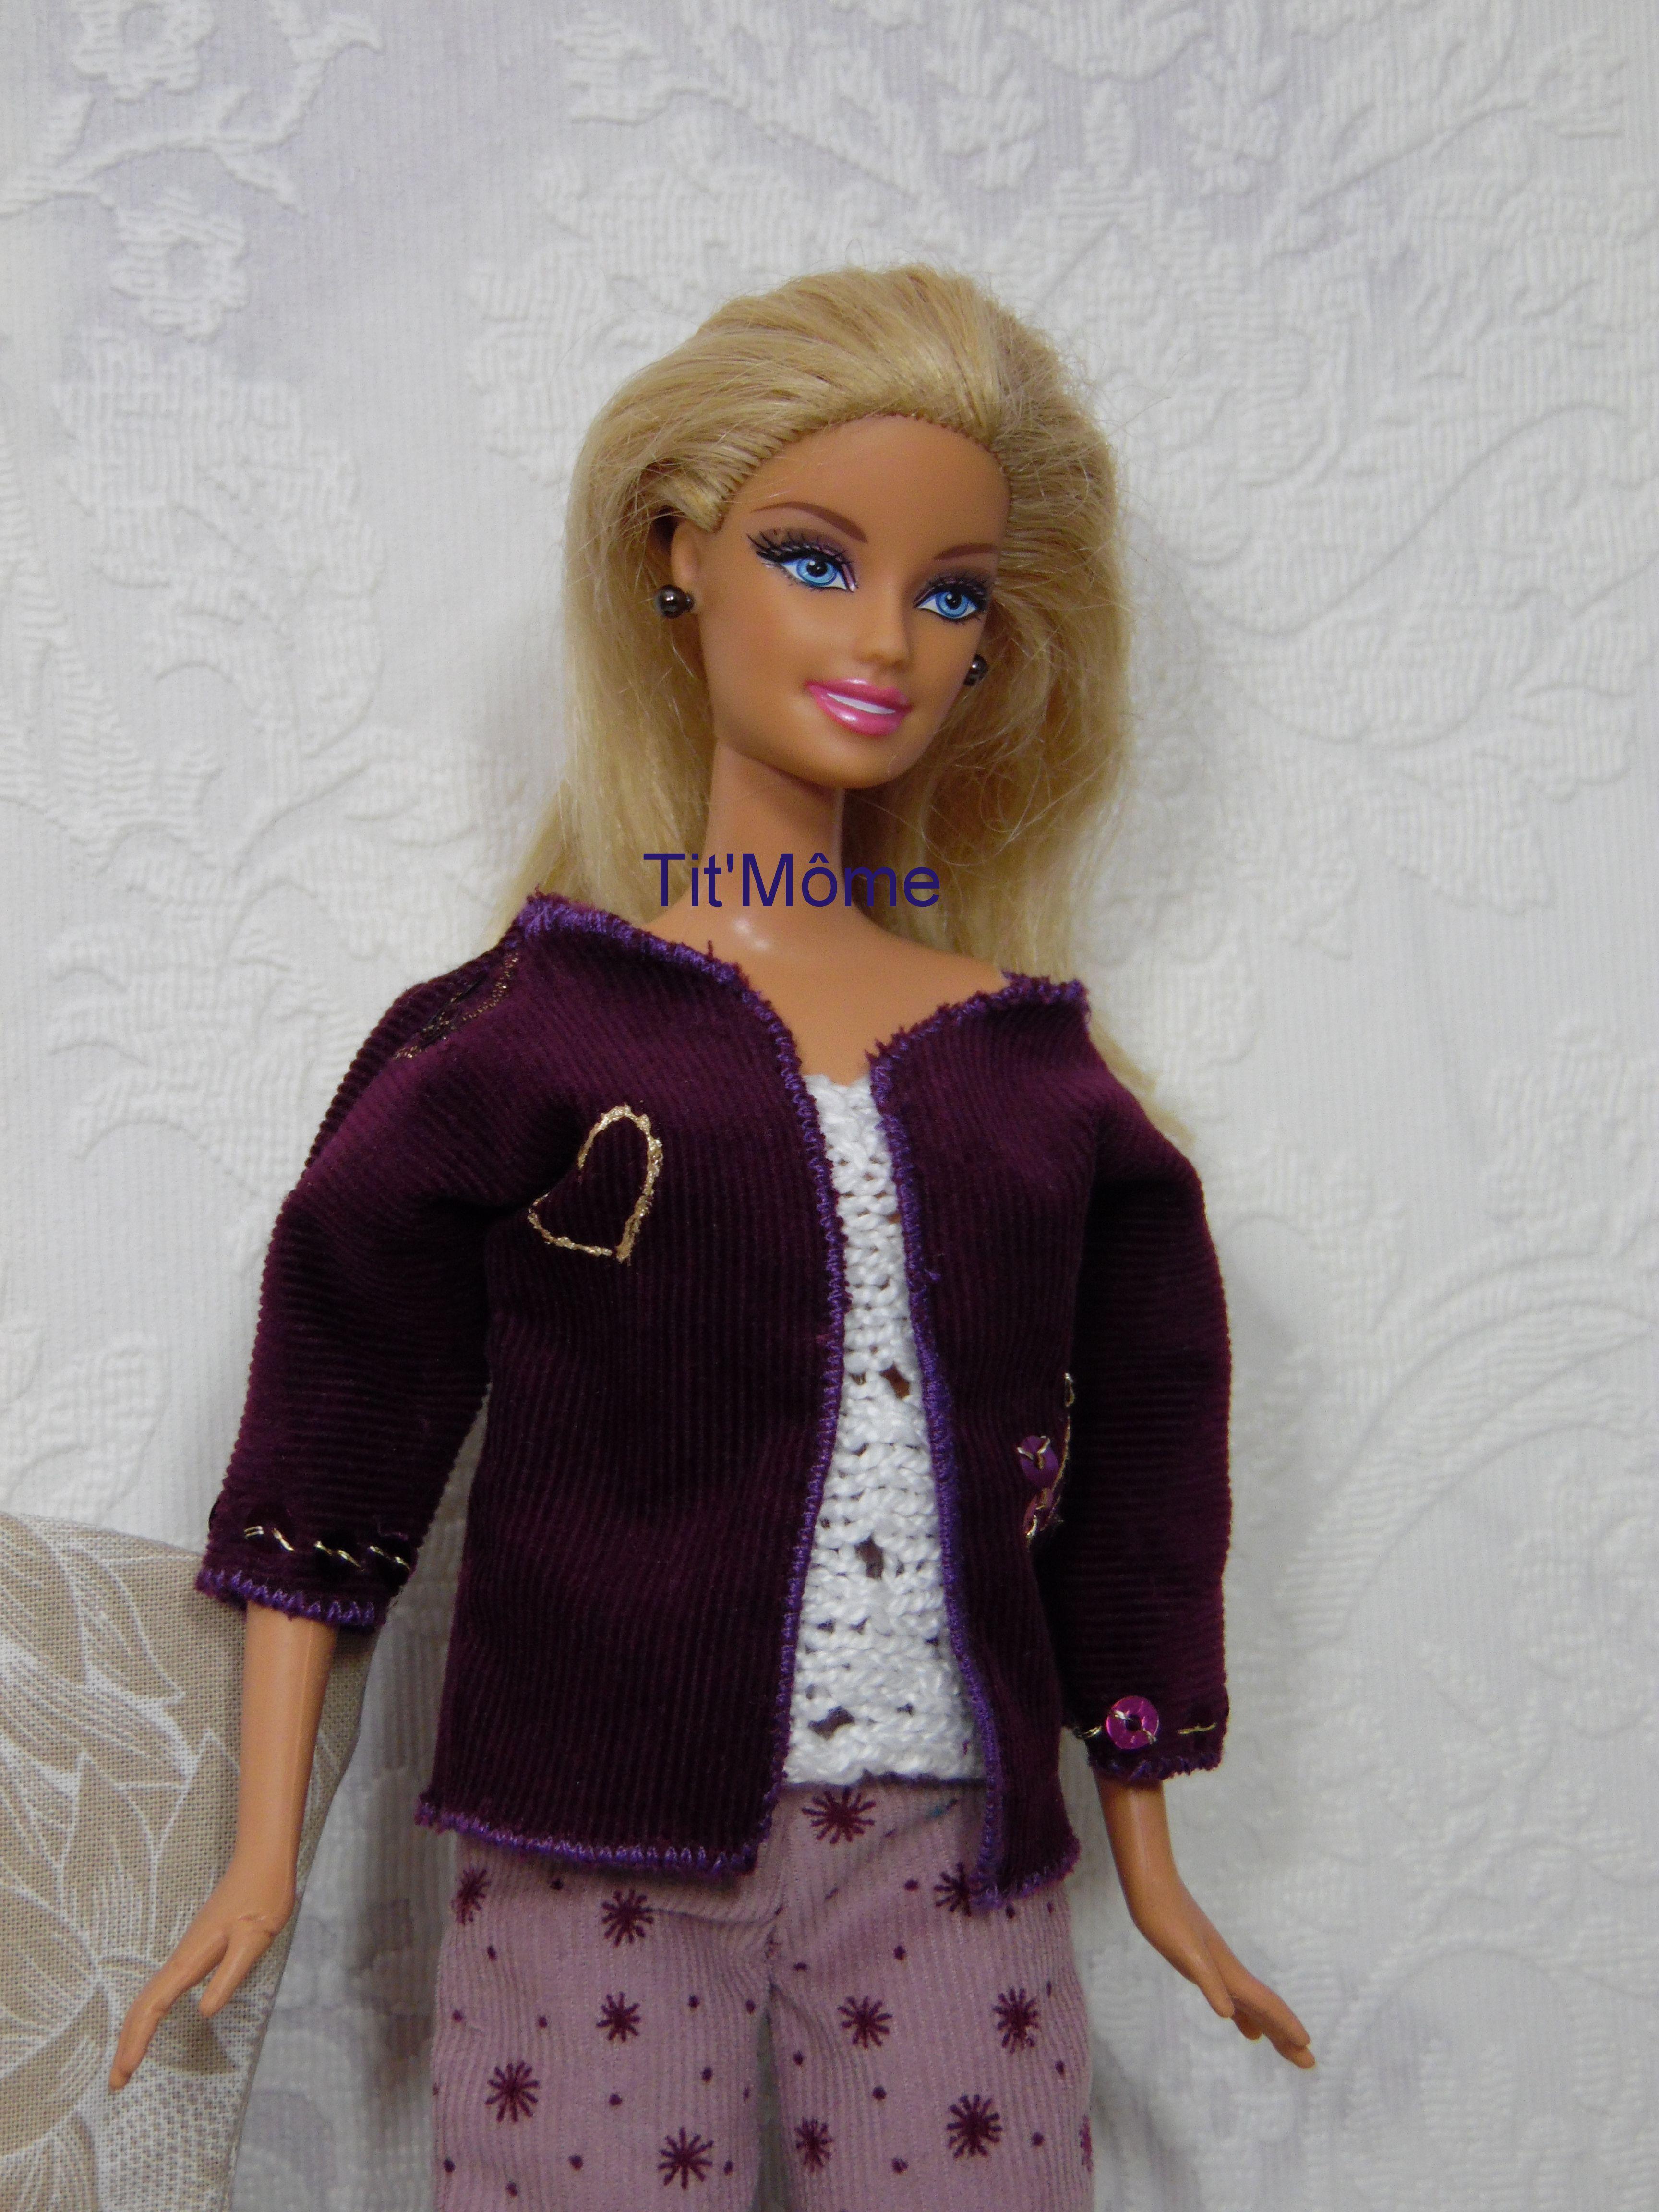 Veste En Velours Pourpre Haut Blanc Et Pantalon Velours Pour Poupee Barbie Modele Unique Fait Main En Ven Veste Velours Pantalon Velours Creation De Vetements